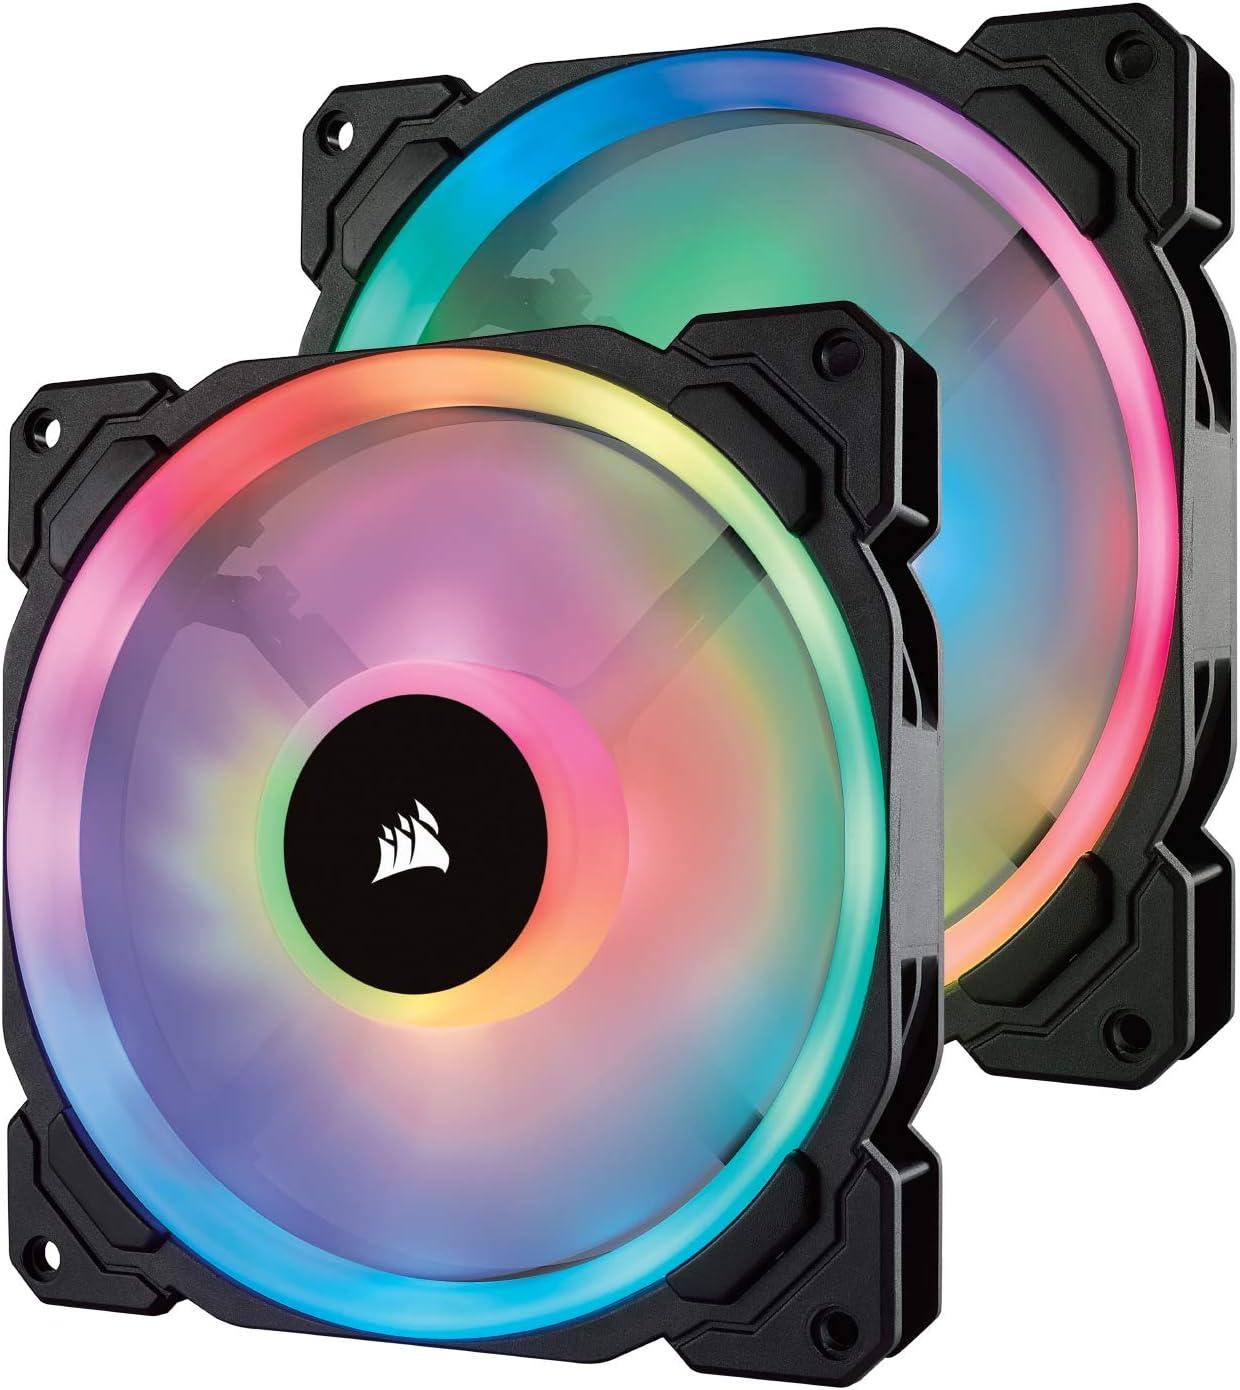 140mm Case Fans